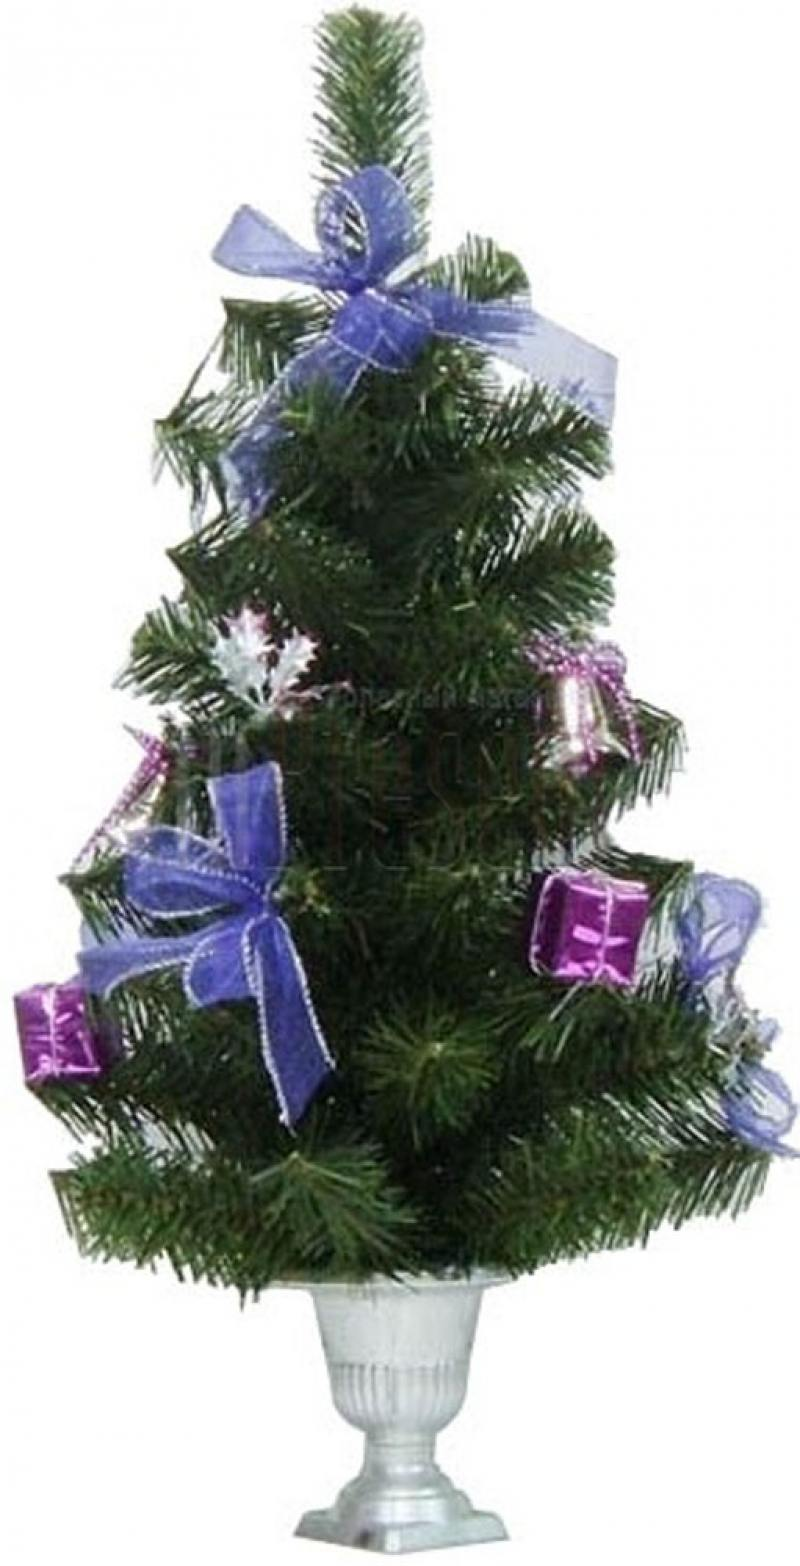 Елка декоративная украшенная, с фиолетовыми украшениями украшениями, 51 см елка декоративная трехцветная украшенная 50 см 3 цв в асс пвх в пакете